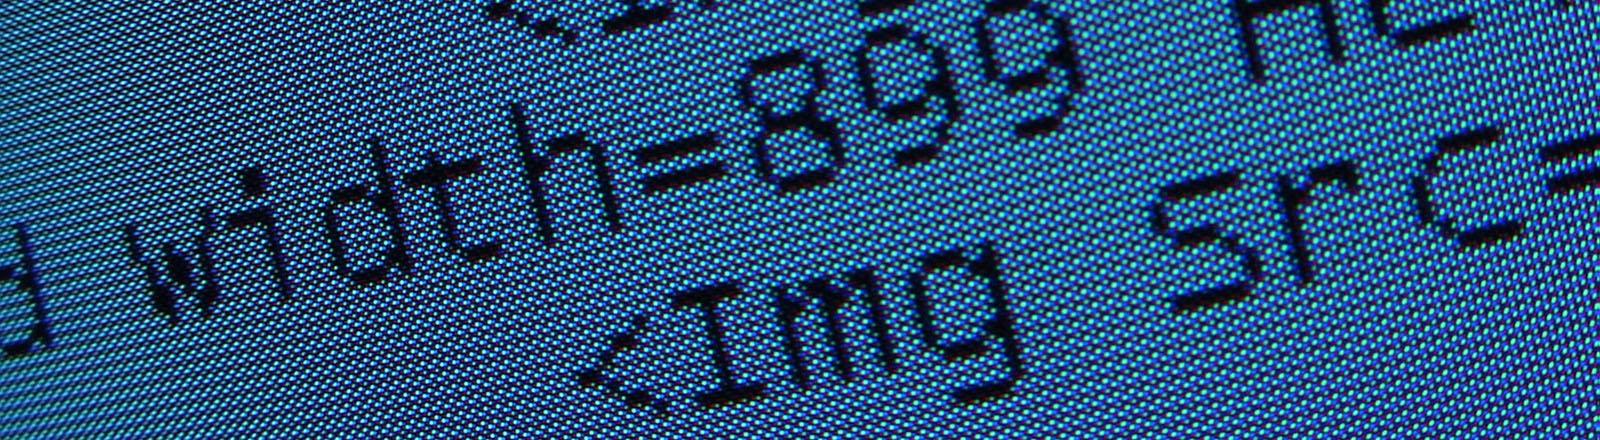 Computersprache